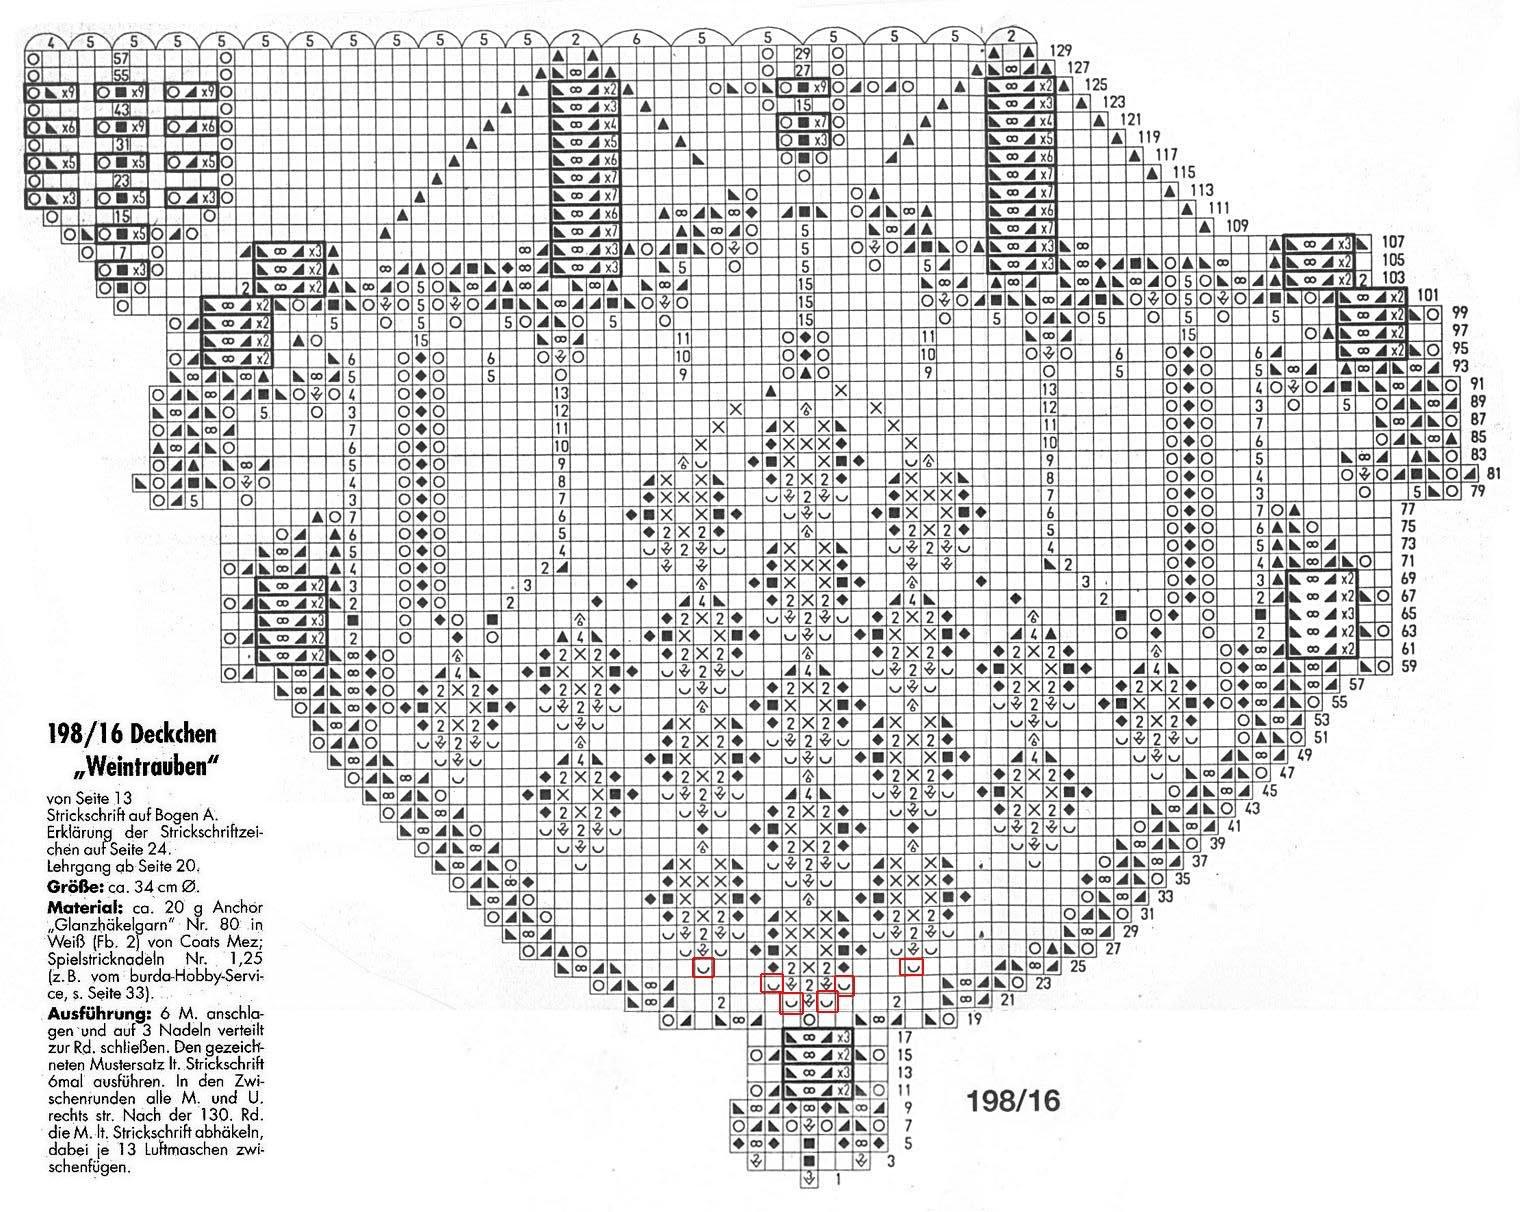 198-16 deckchen weintrauben2副本.jpg